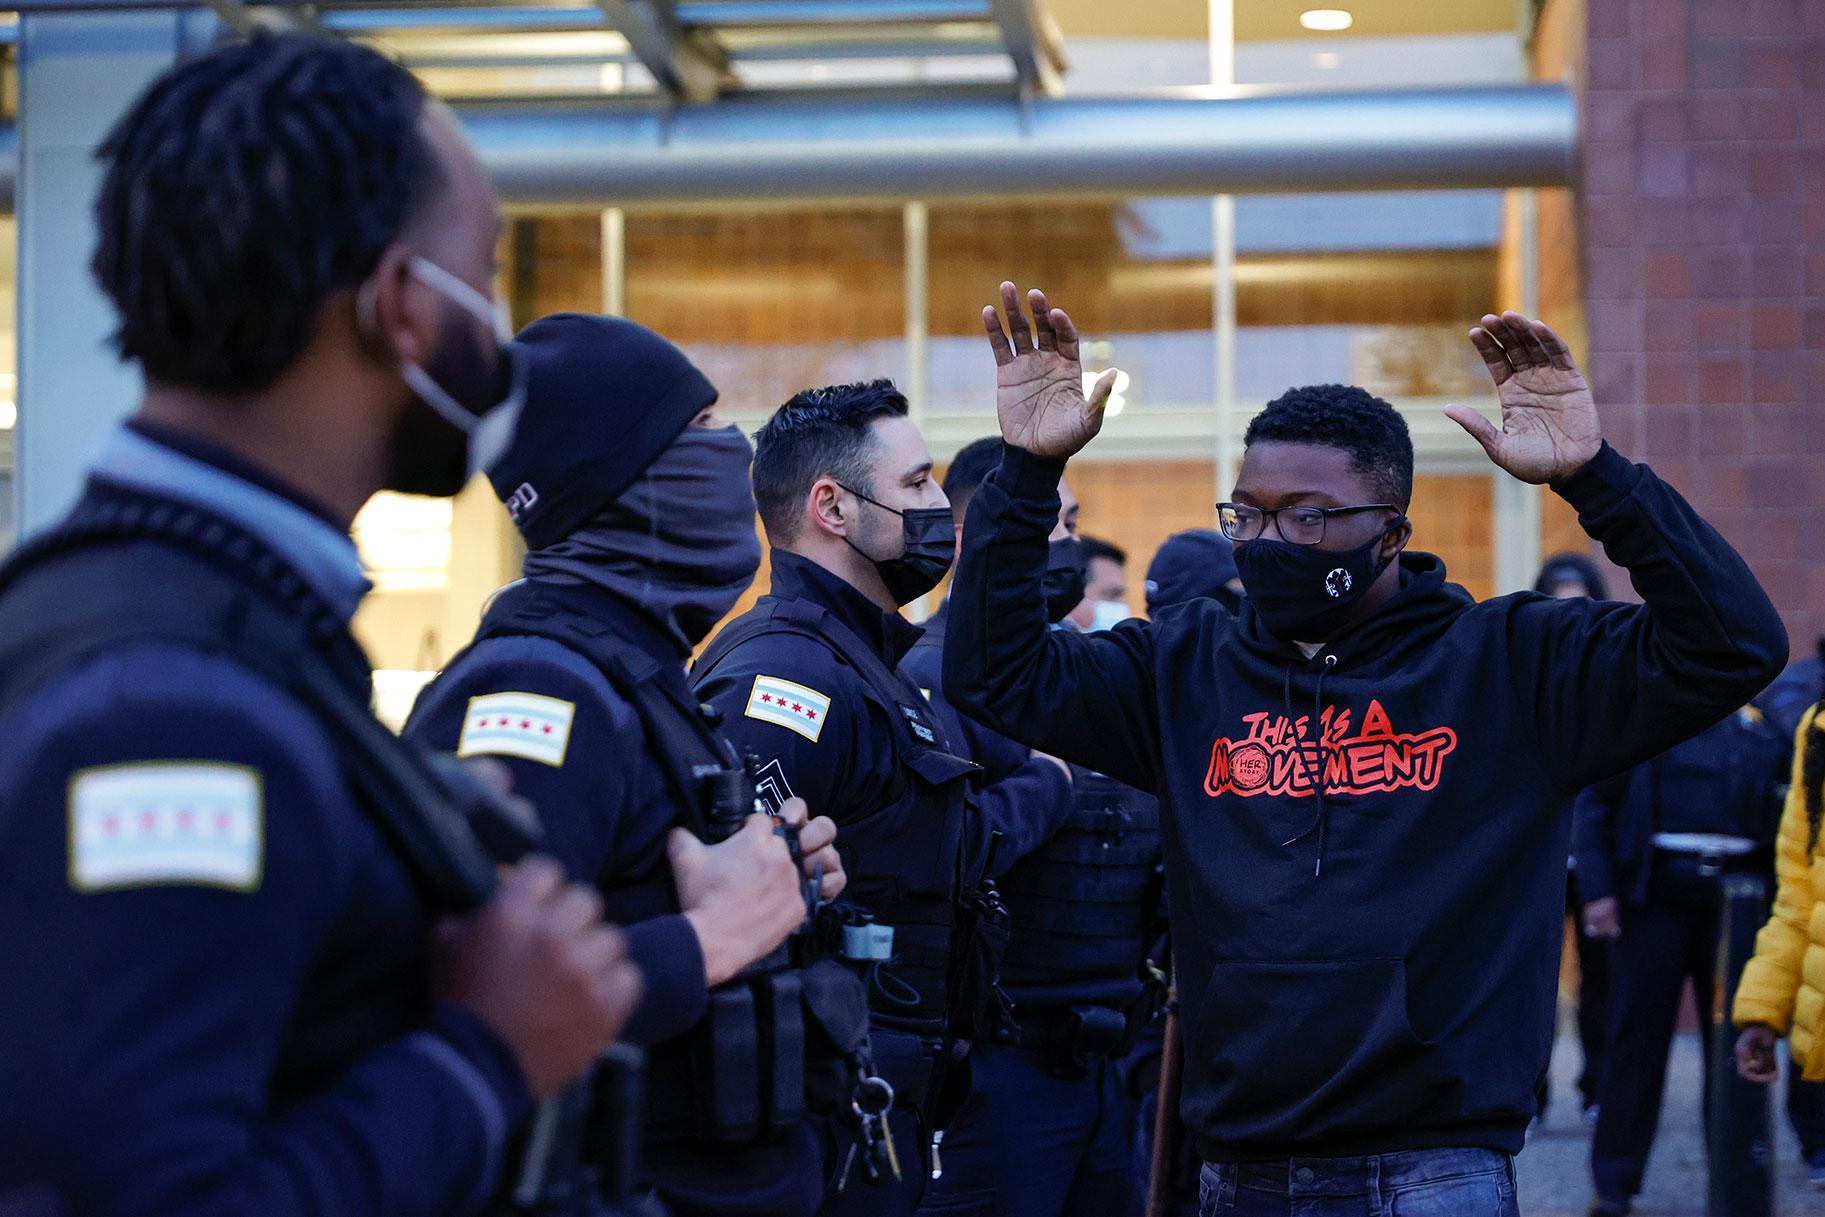 Στο Σικάγο, η οργή και η θλίψη για πυροβολισμούς από την αστυνομία του 13χρονου Αδάμ Τολέδο